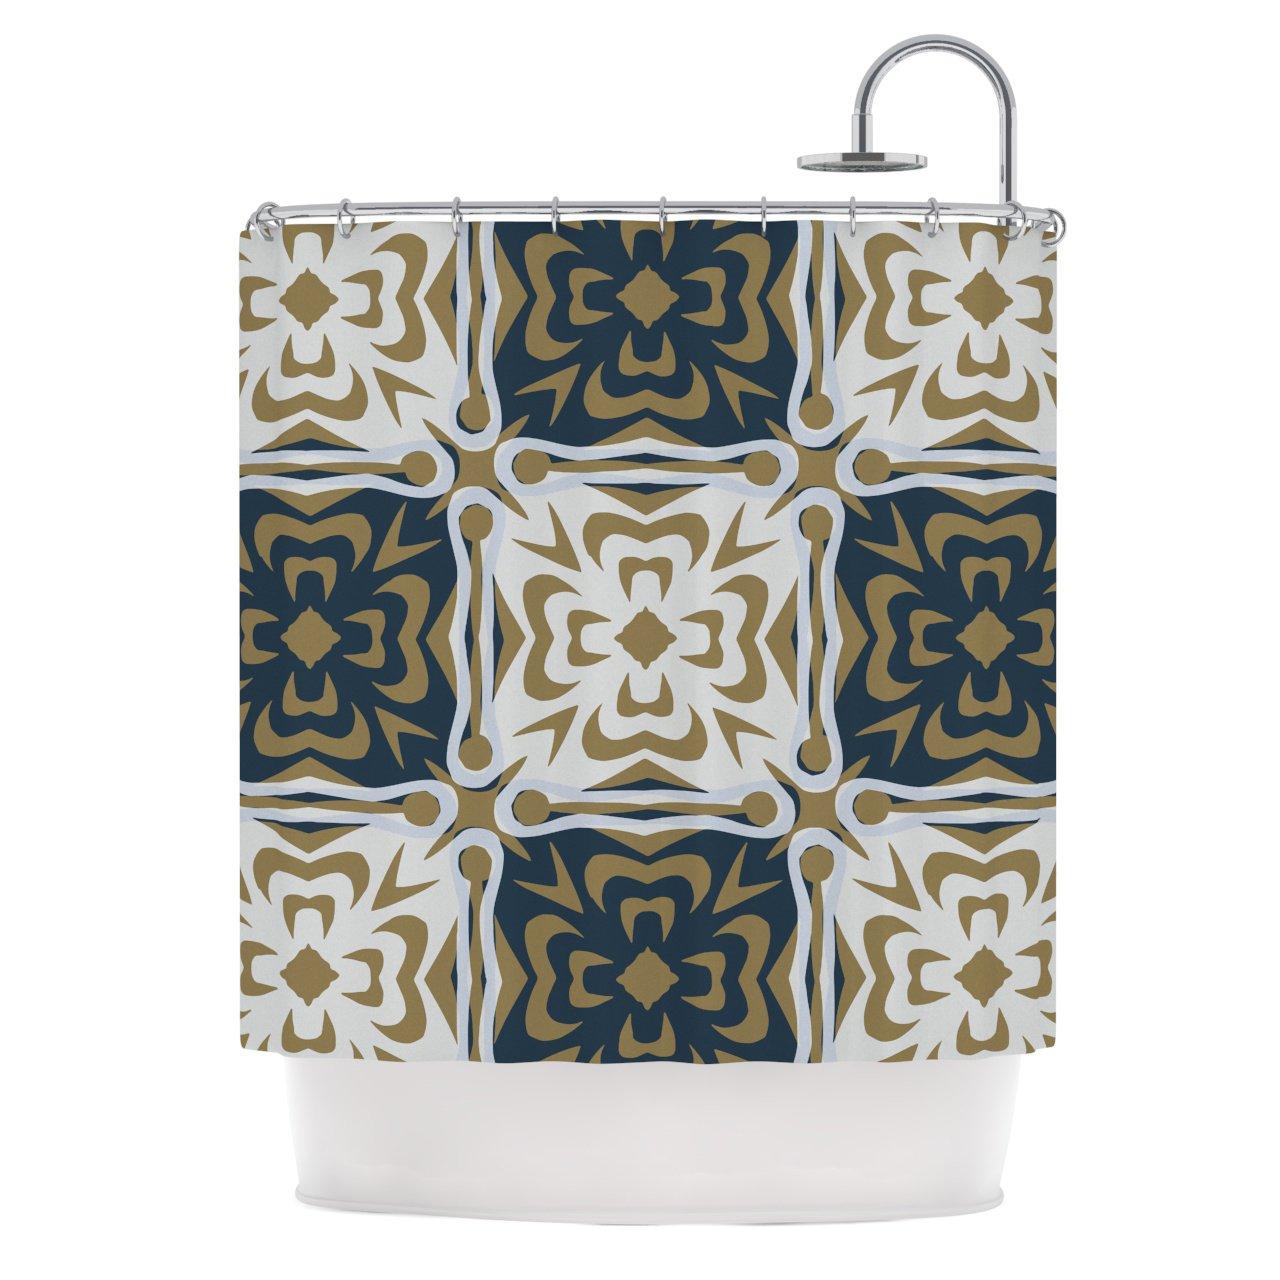 69 x 70 Shower Curtain Kess InHouse Maria Bazarova Blue White Flowers Abstract Beige